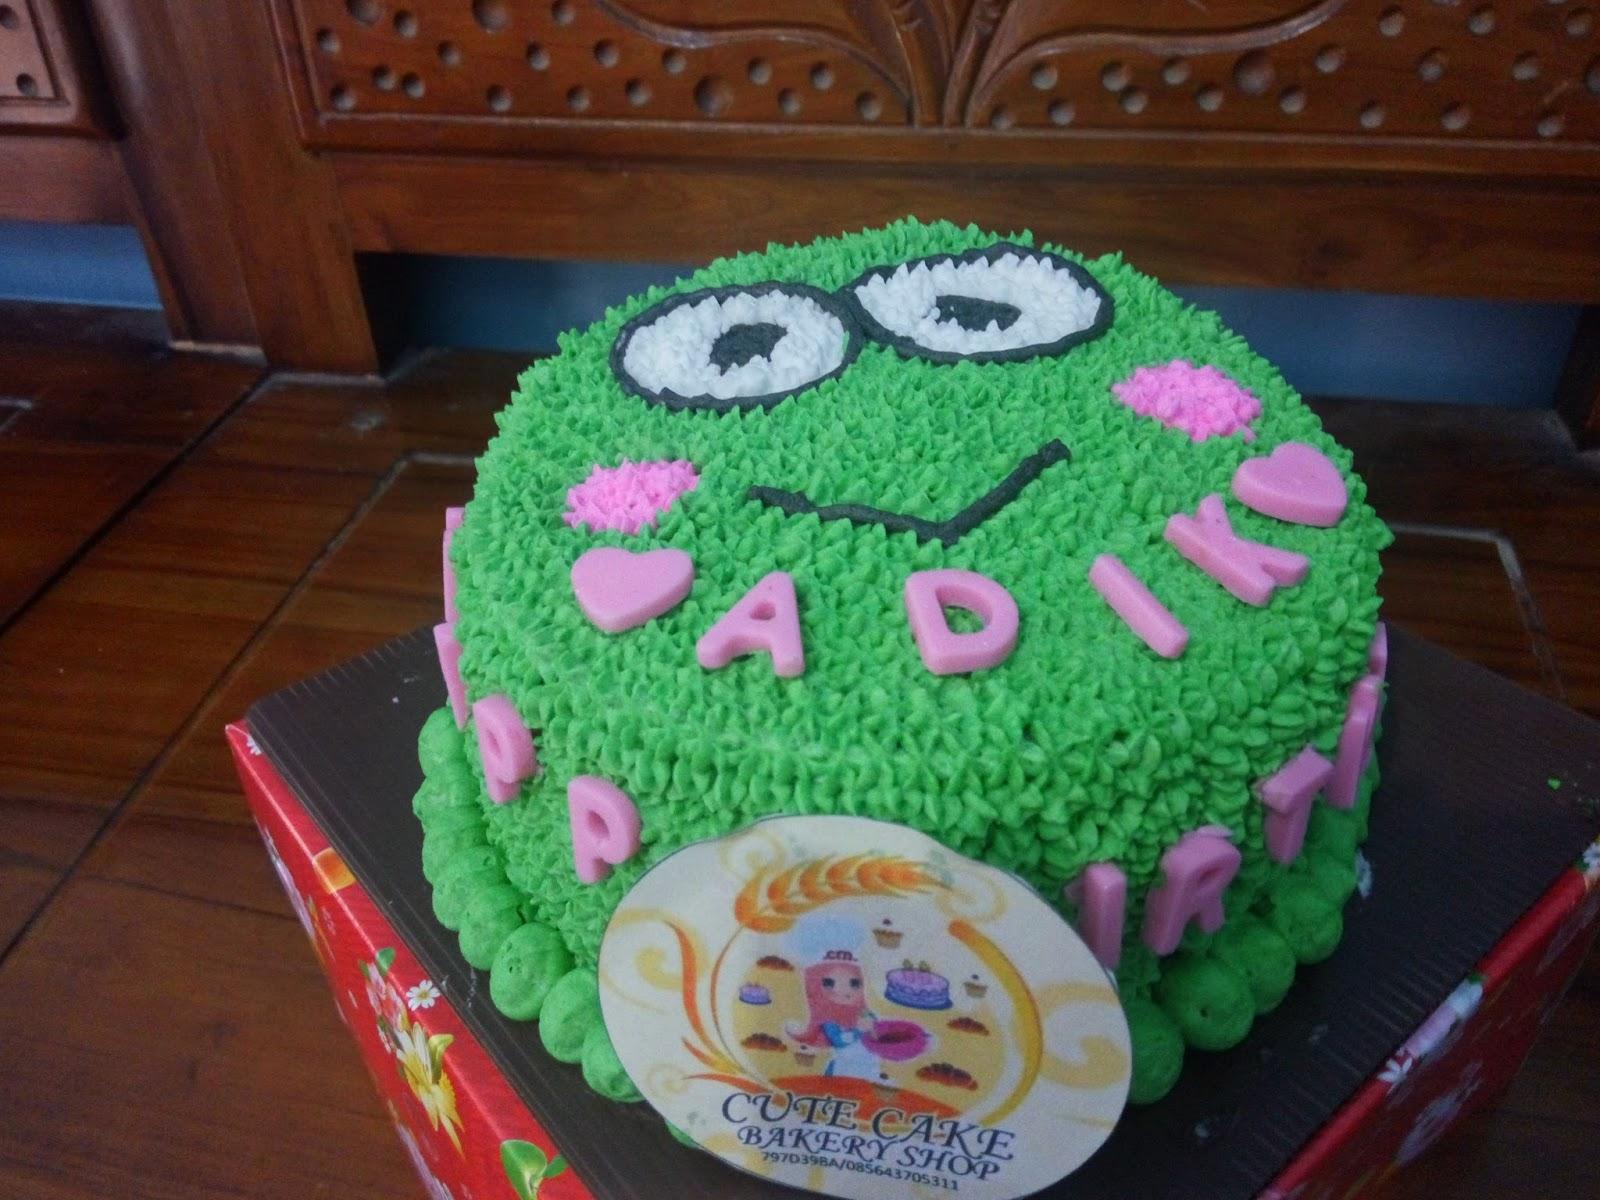 Harga Kue Ulang Tahun Gambar Stitch Gambar Kue Ulang Tahun